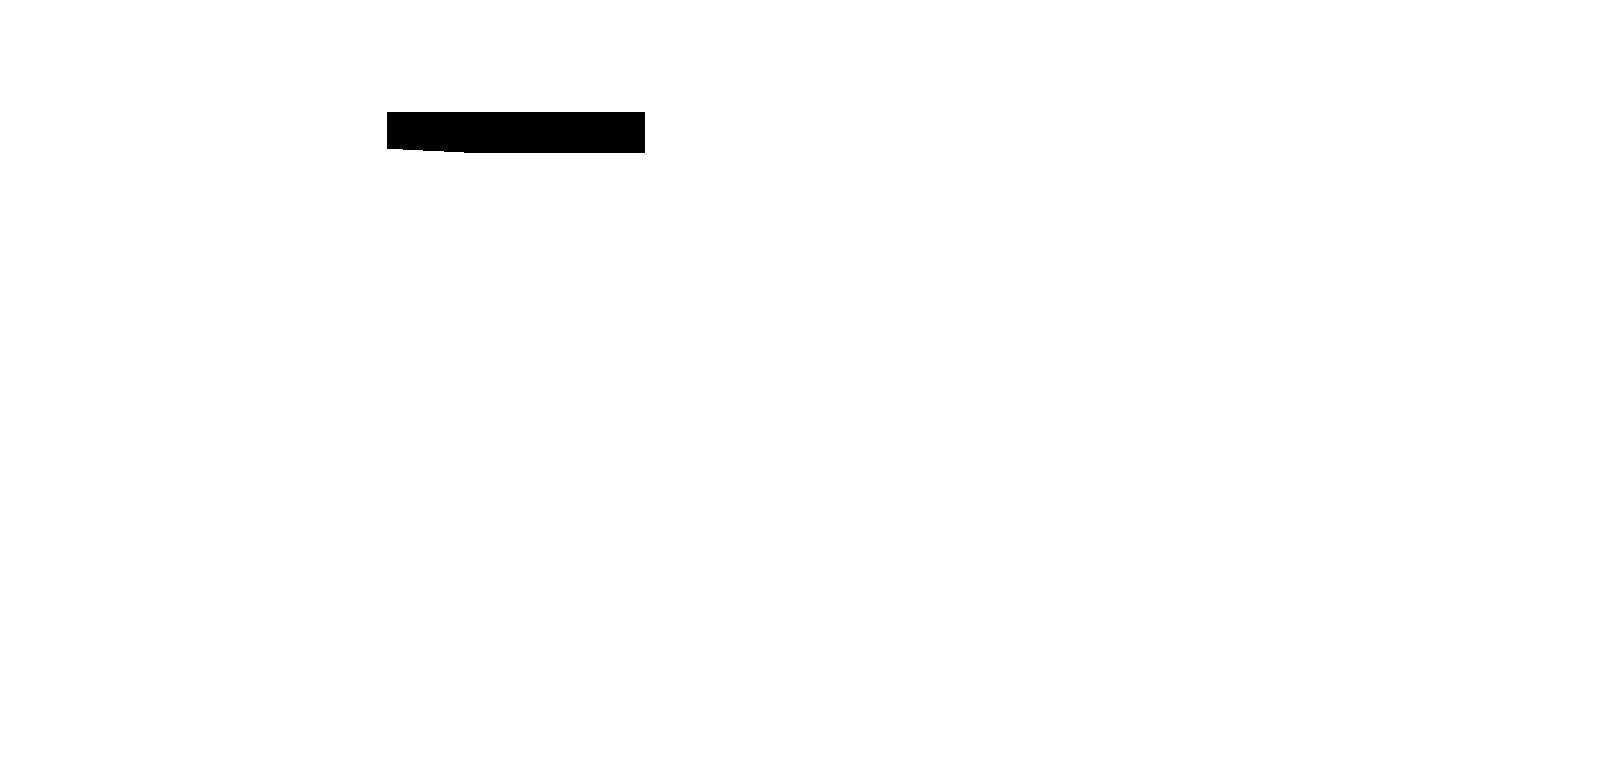 Тонировочная полоска на лобовое стекло авто премиум-класса